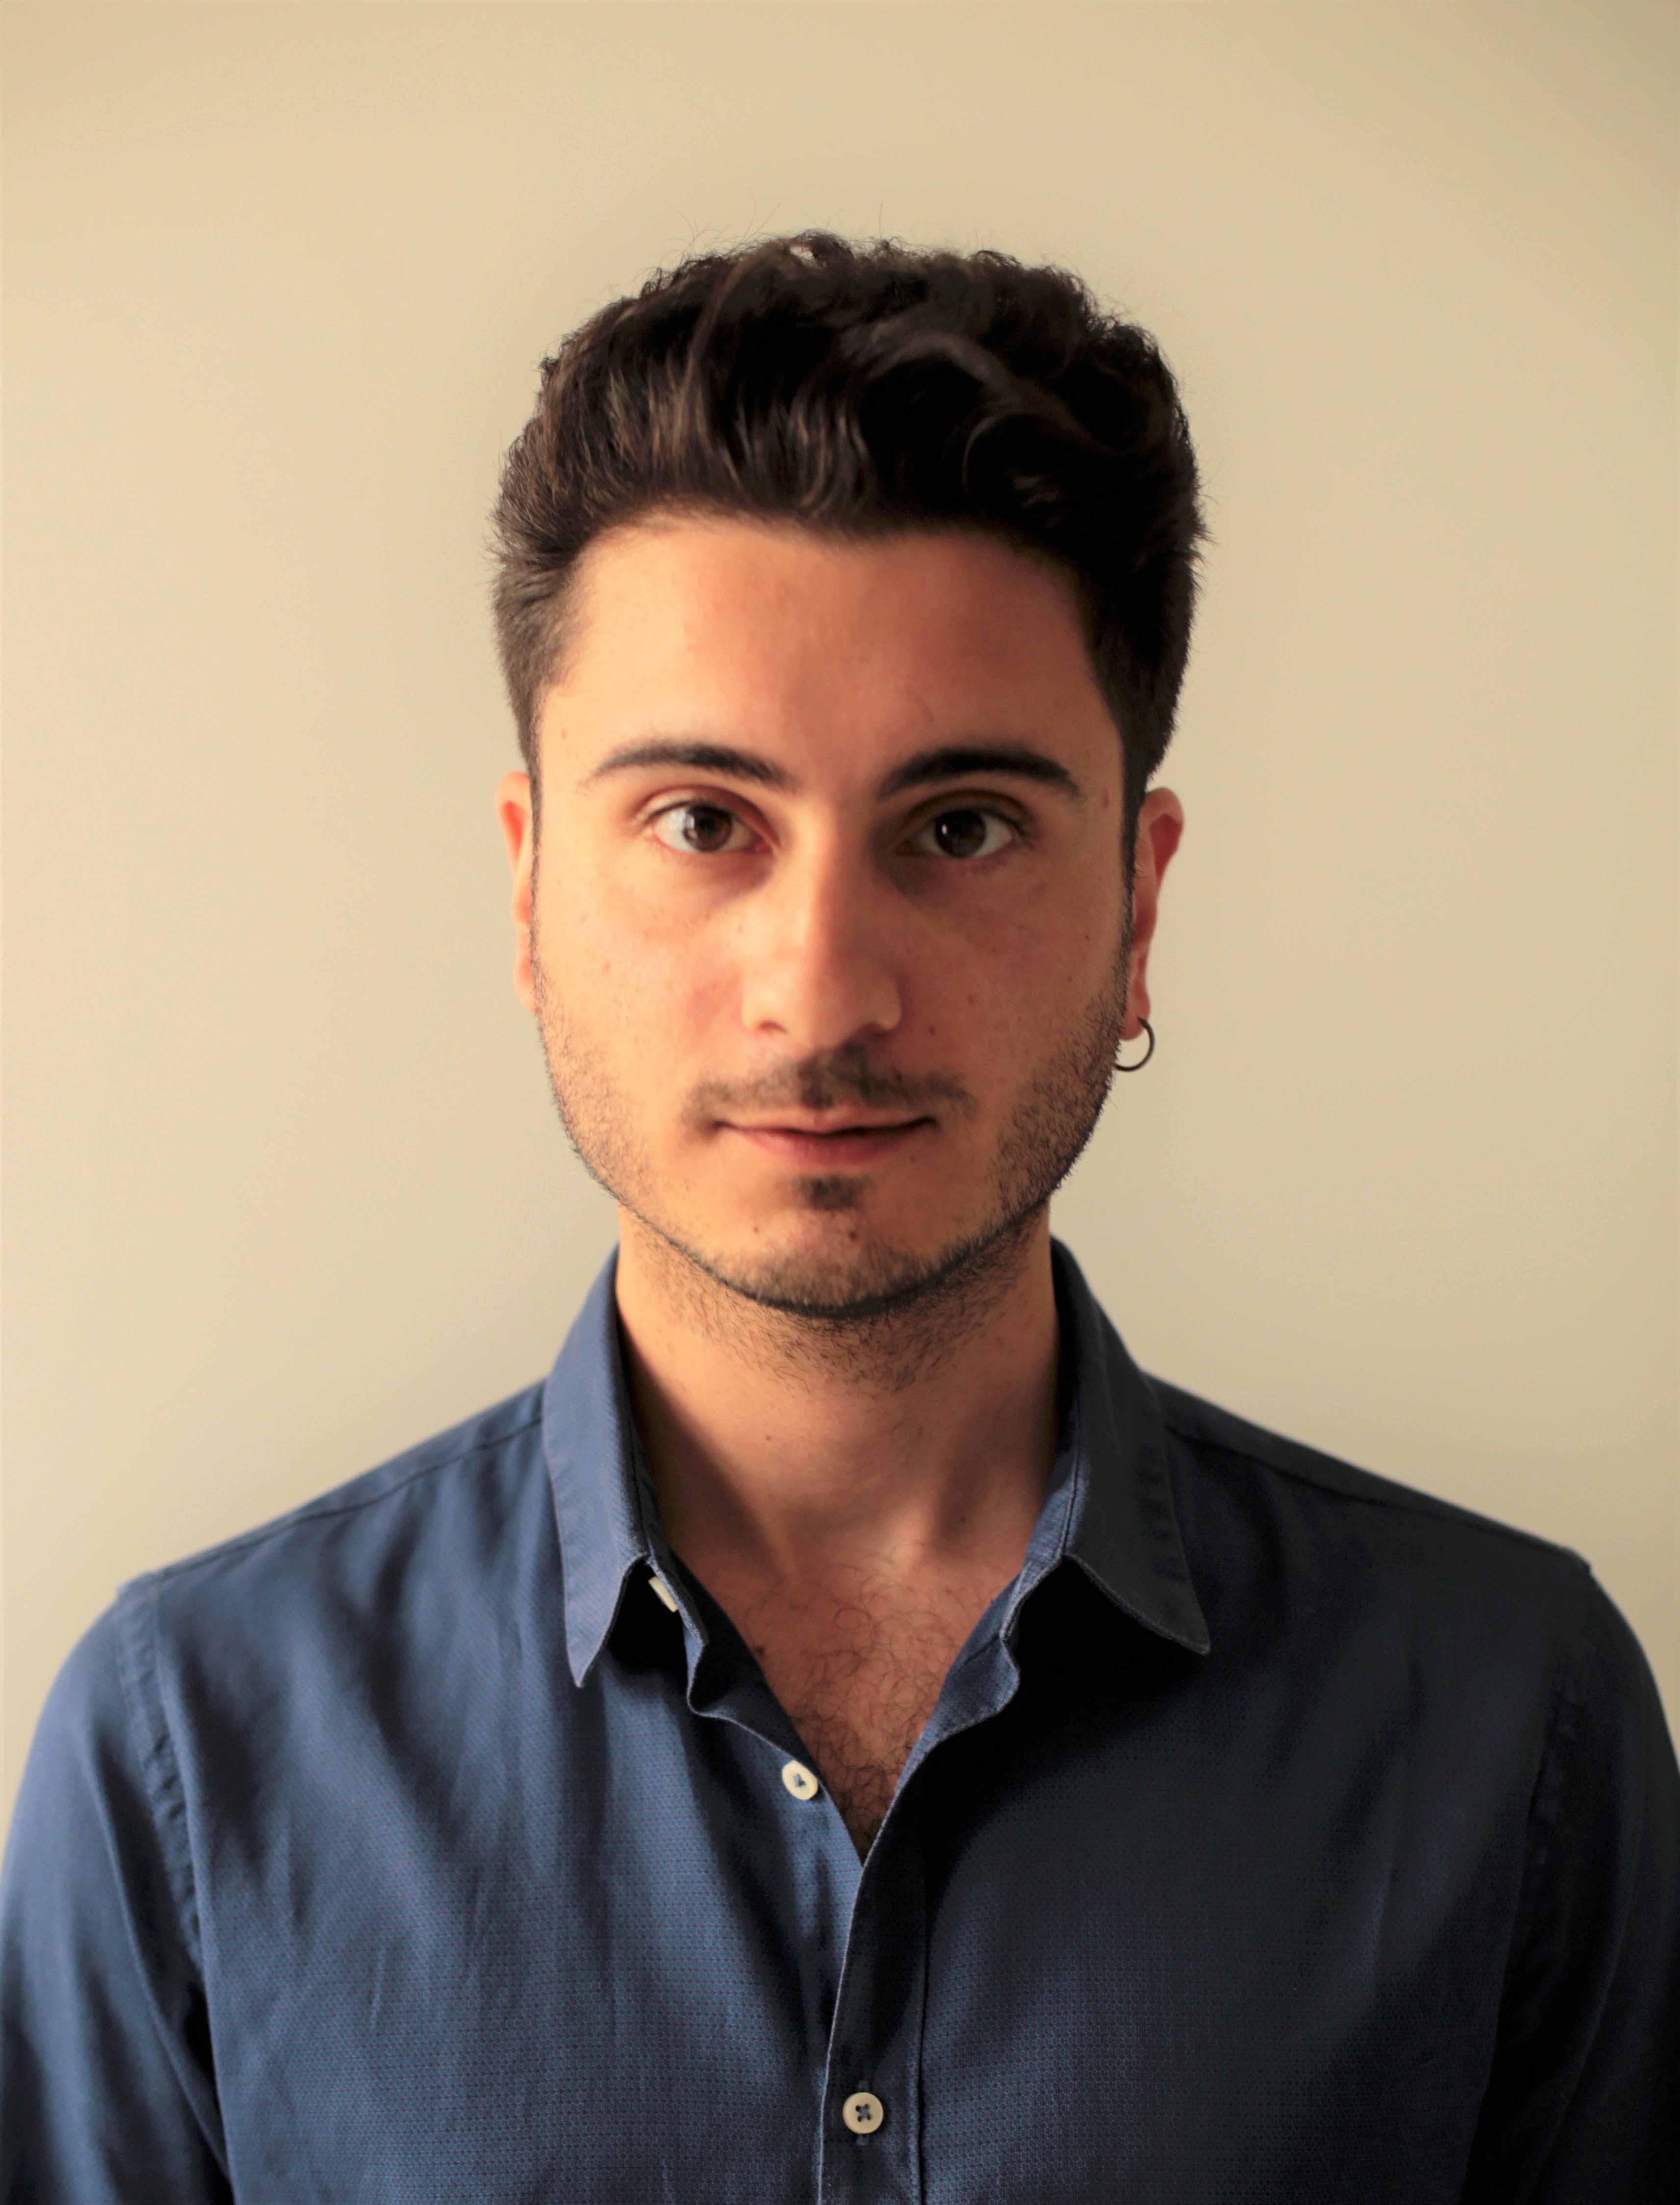 Stefano Verrienti